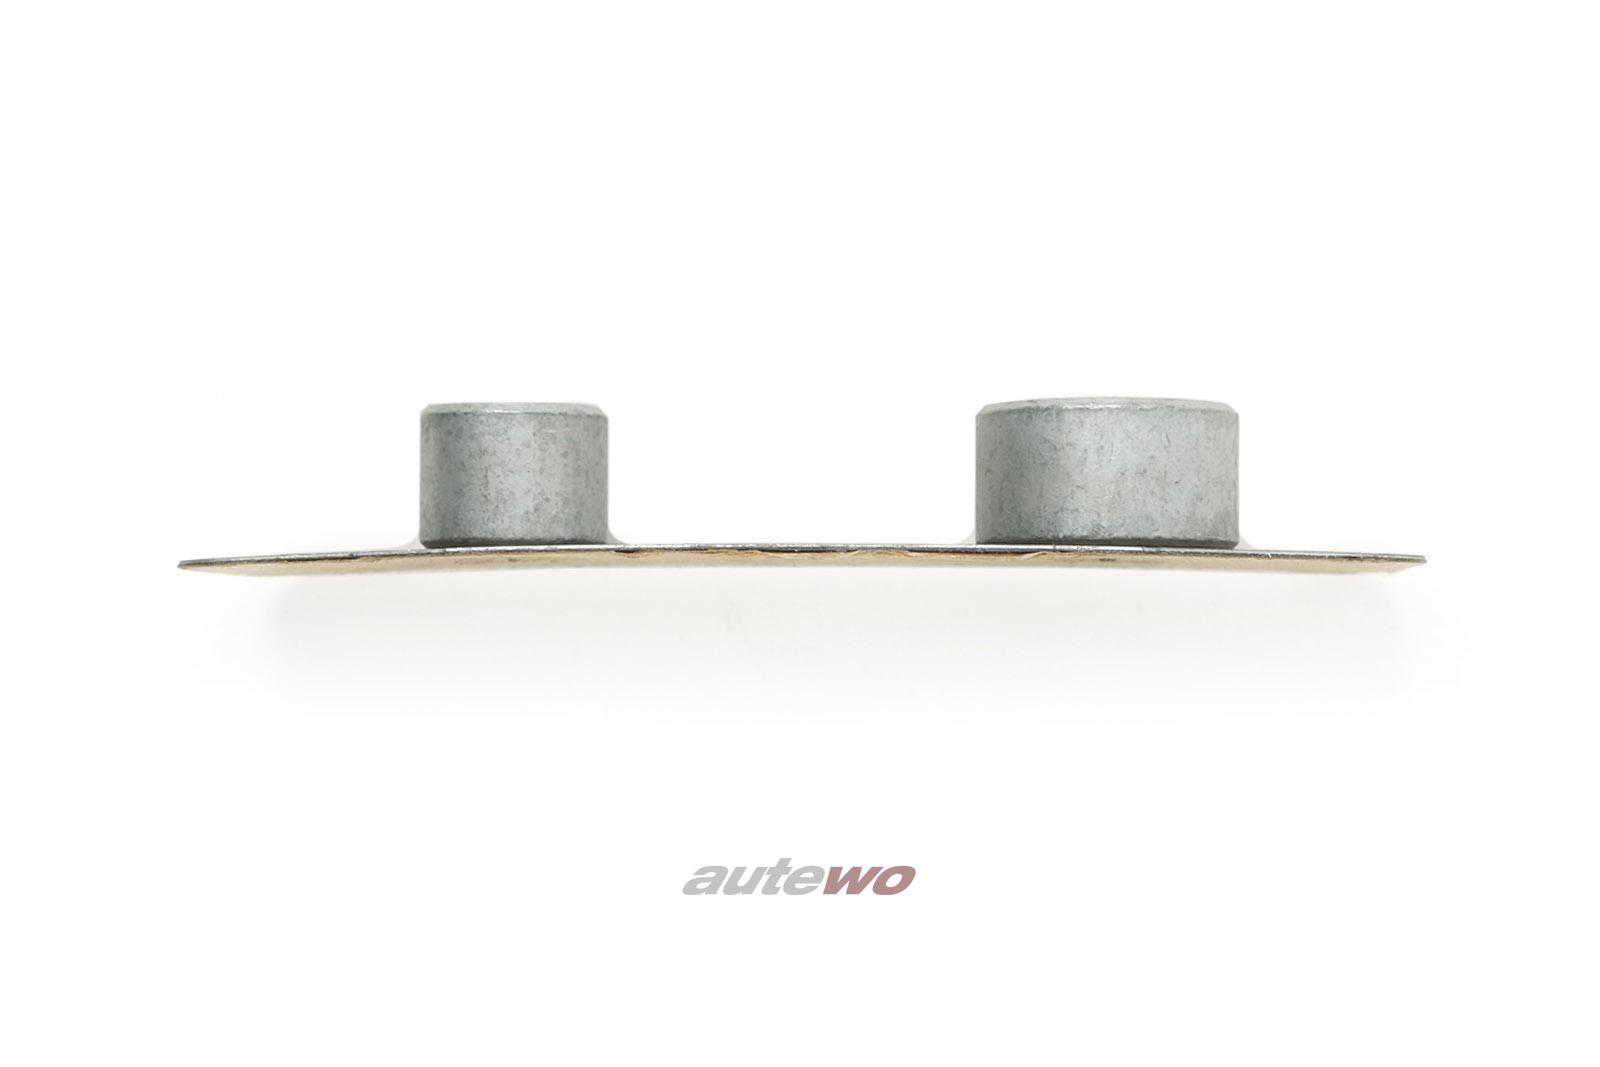 8A0615231D NEU Audi RS2 P1 Porsche Dämpfungsscheibe Bremse Vorne